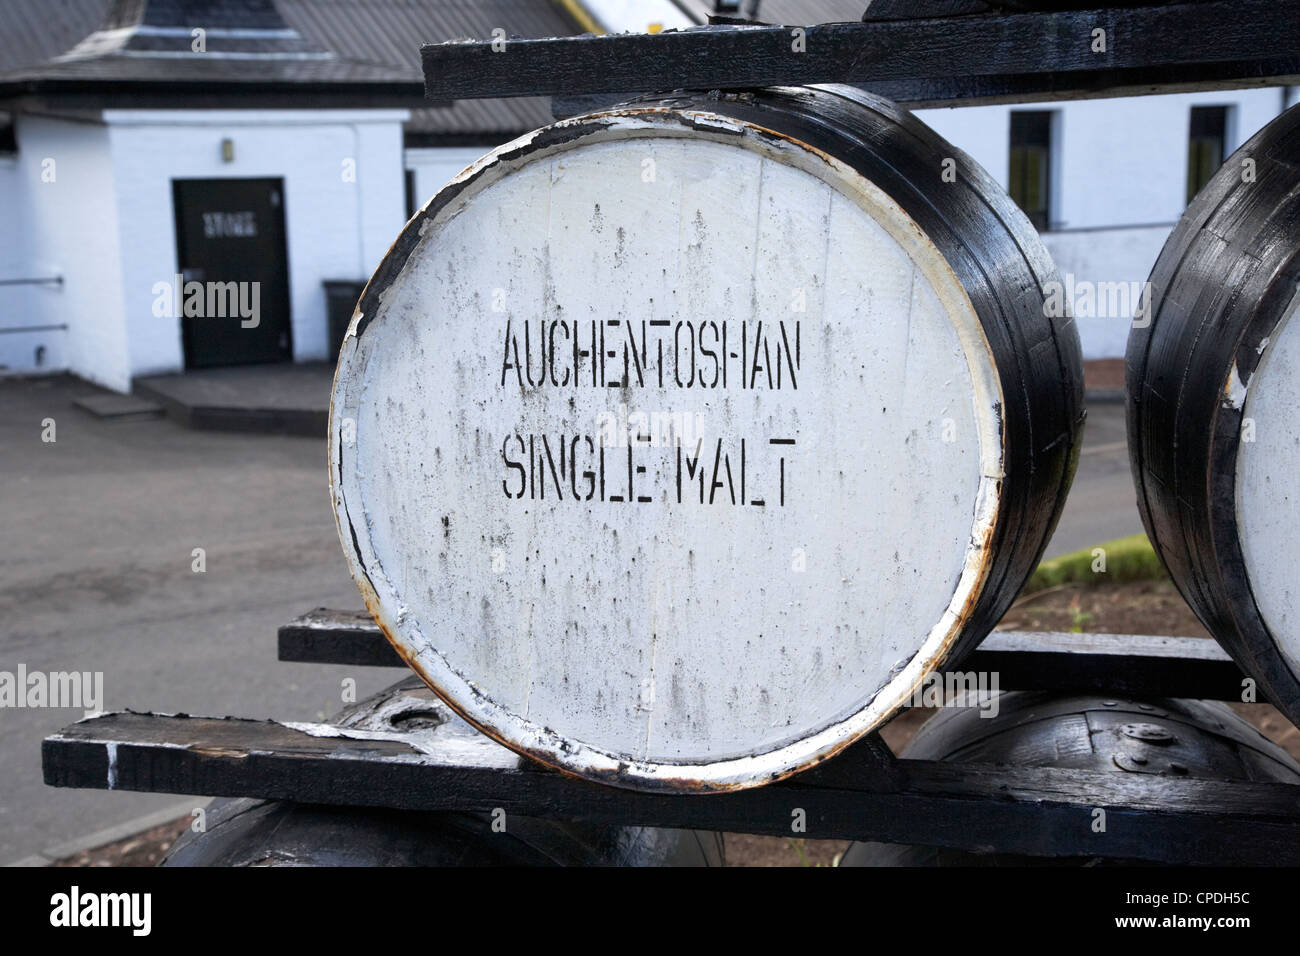 Auchentoshan distillery clydebank glasgow Scotland UK - Stock Image